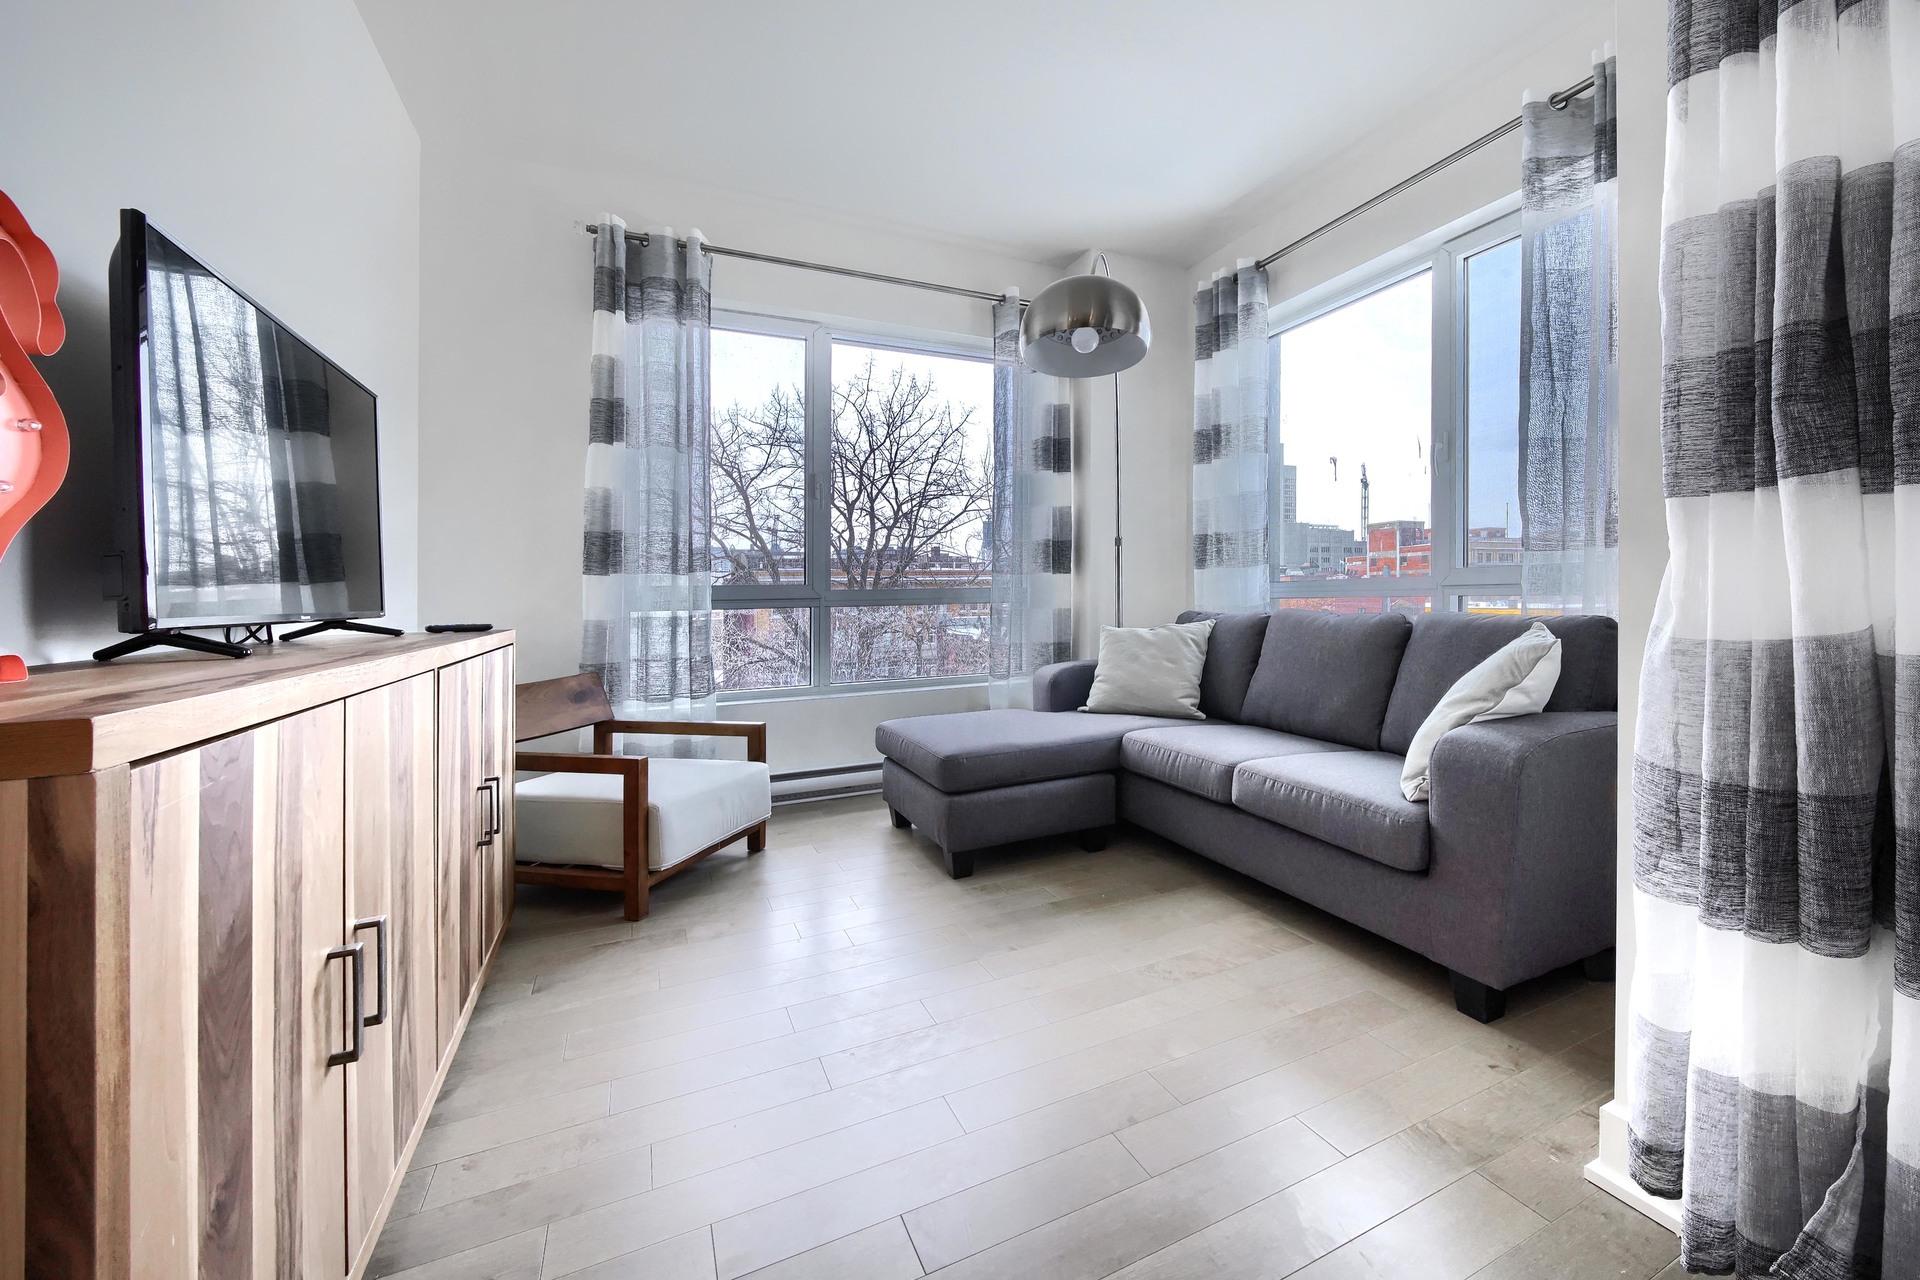 image 6 - Condo For rent Montréal - 4 rooms